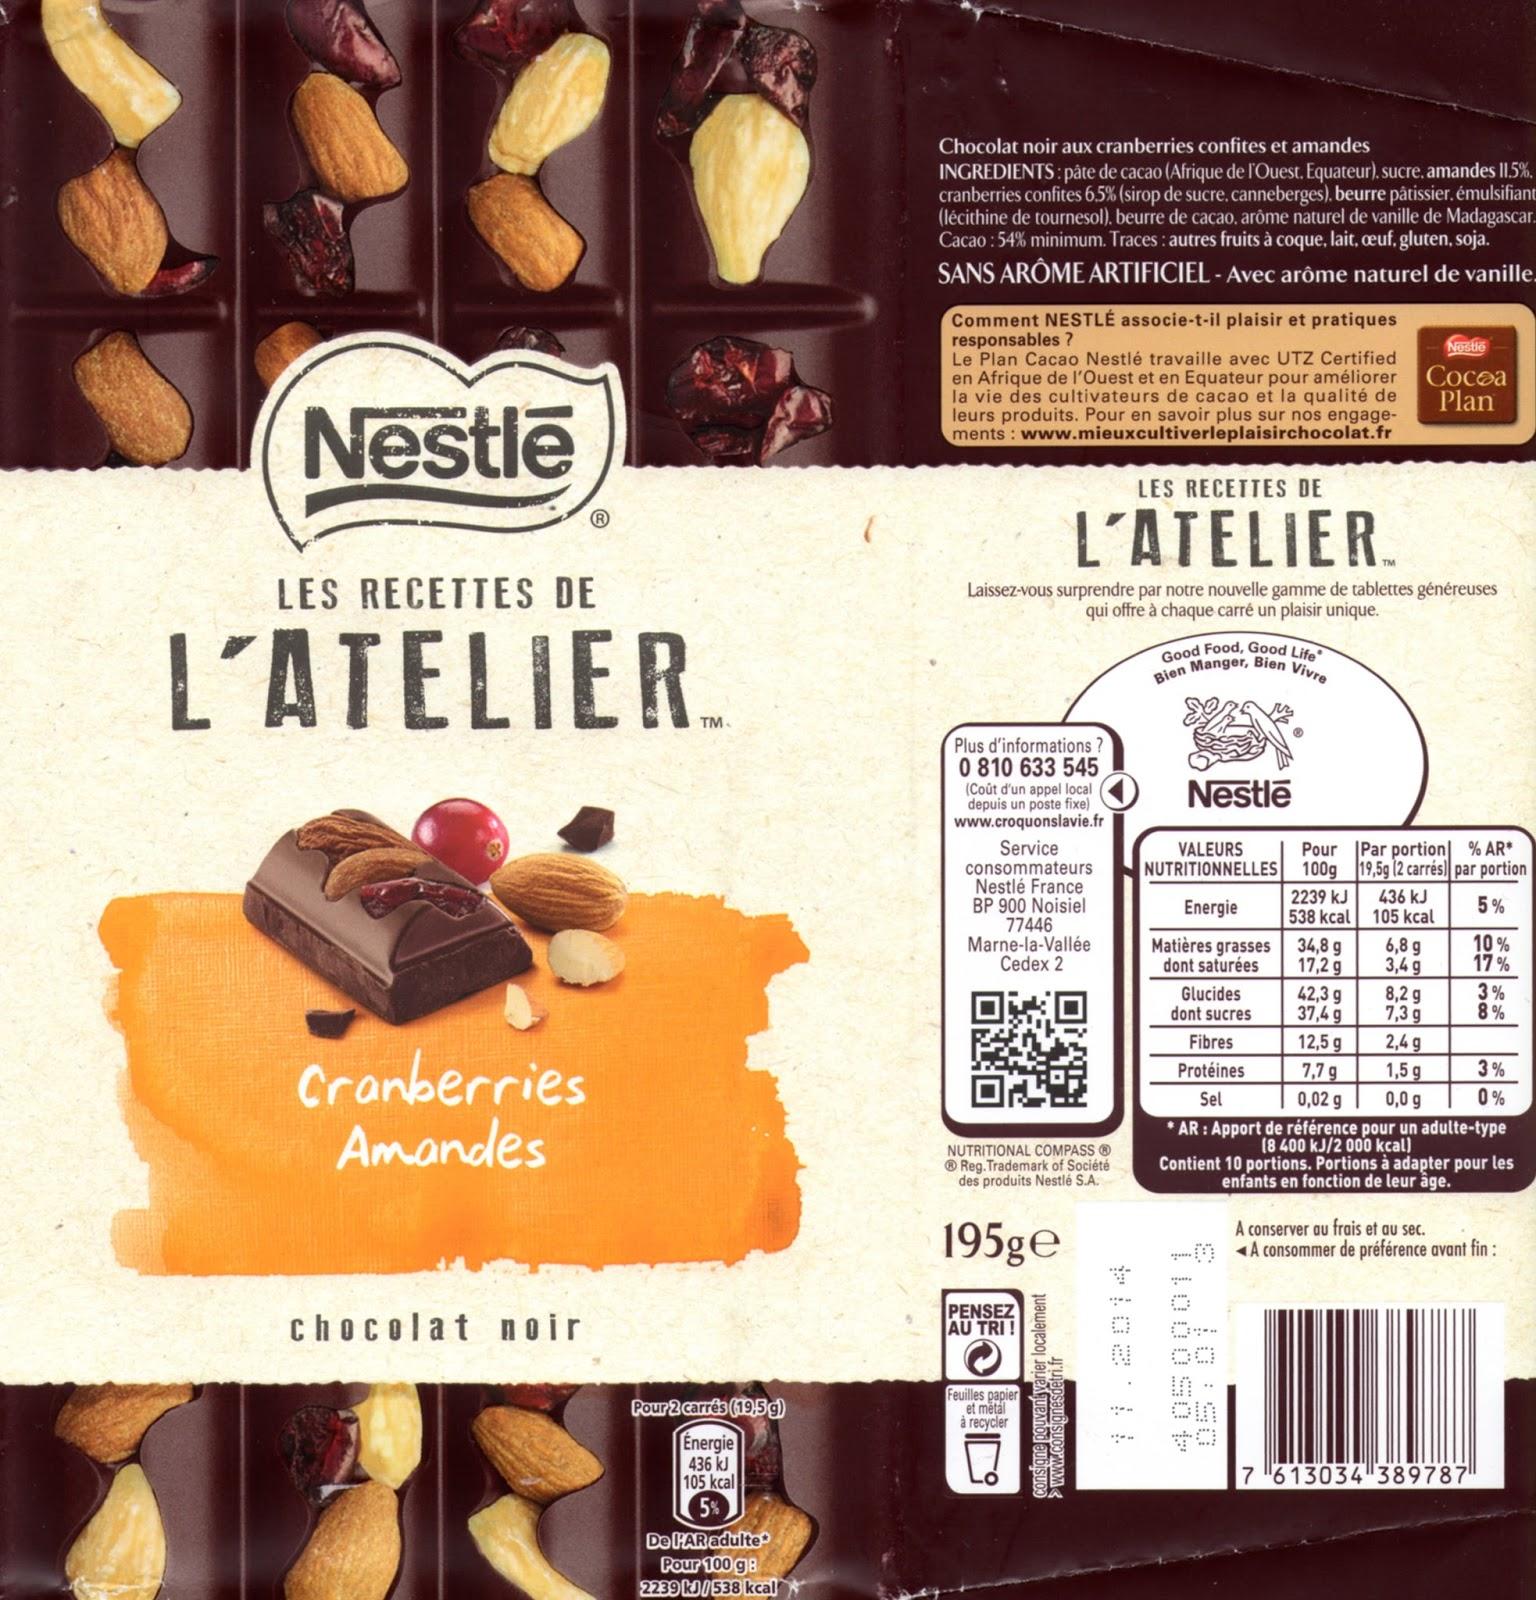 tablette de chocolat noir gourmand nestlé les recettes de l'atelier cranberries amandes